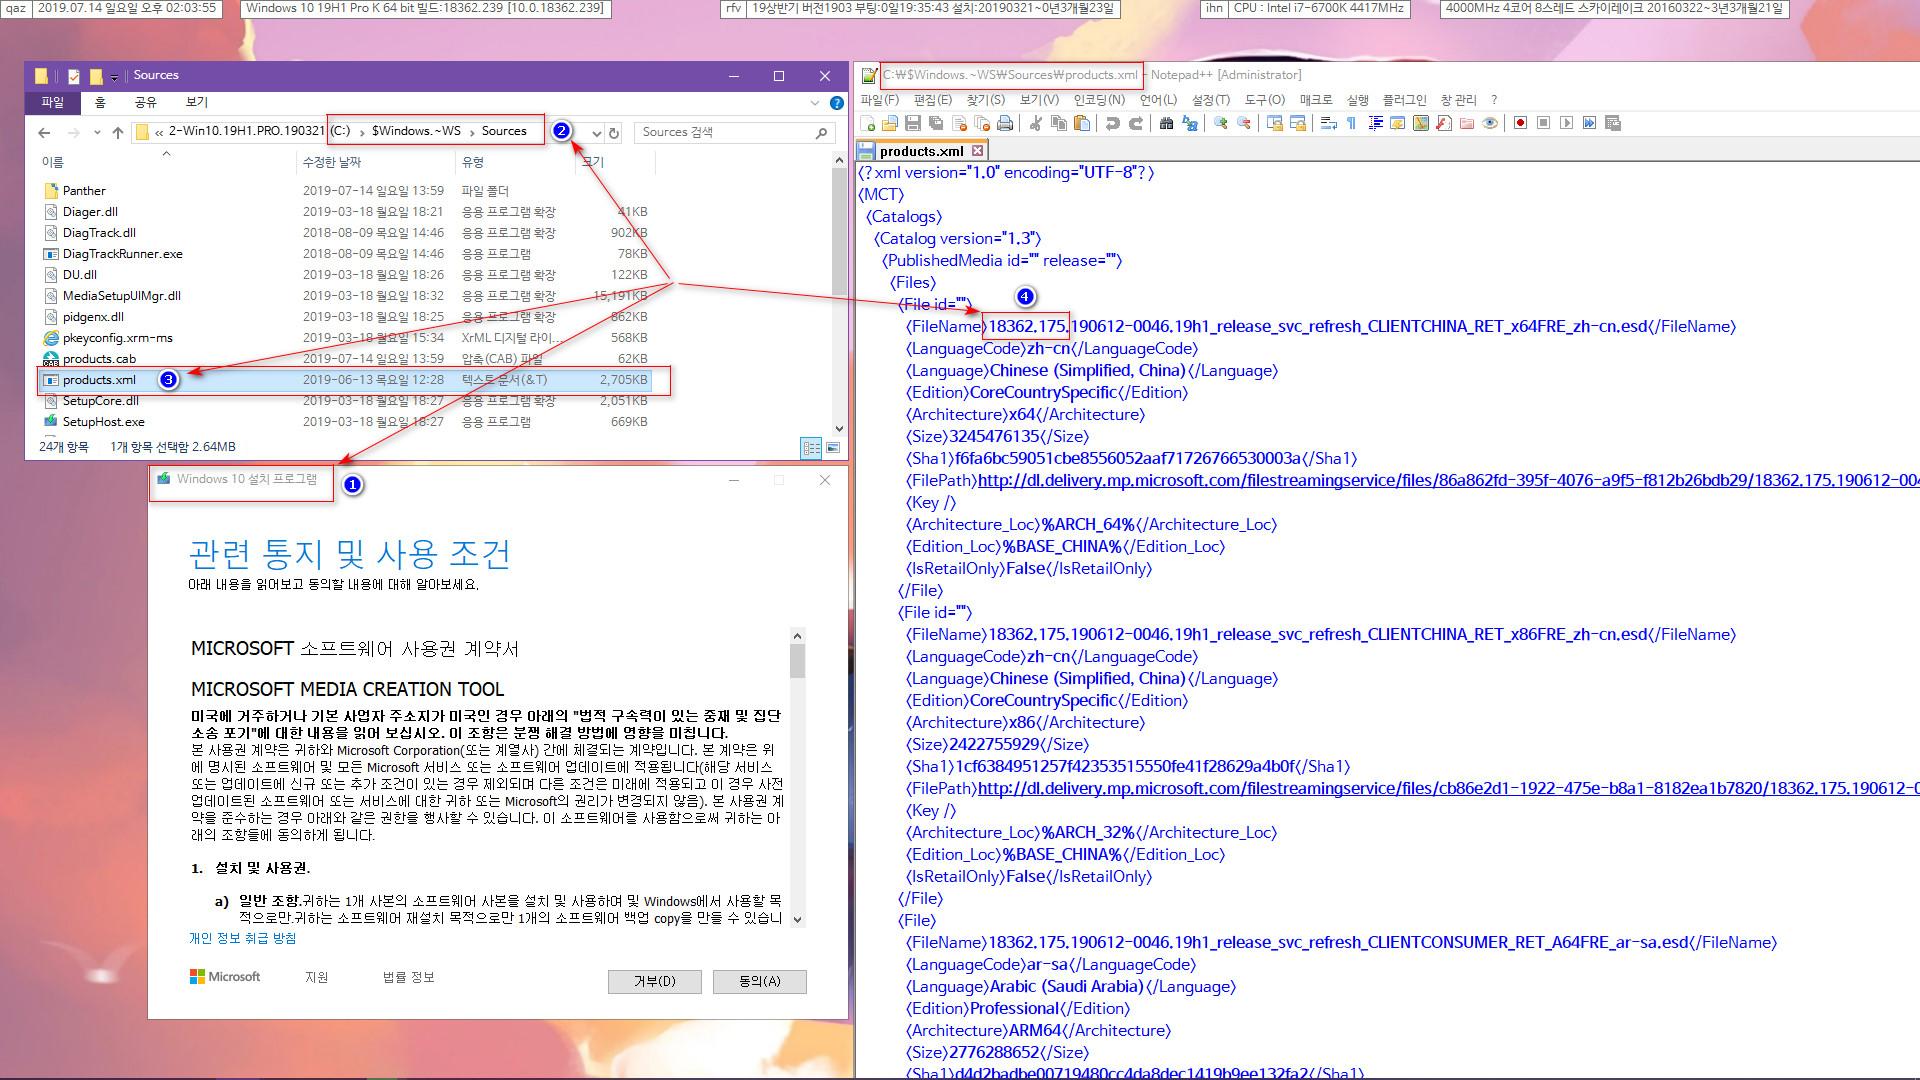 ms 홈페이지에서 MCT.exe로 iso 다운로드 하지 않고도 대략 어떤 파일인지 알 수 있습니다 - 시간 절약 2019-07-14_140355.jpg